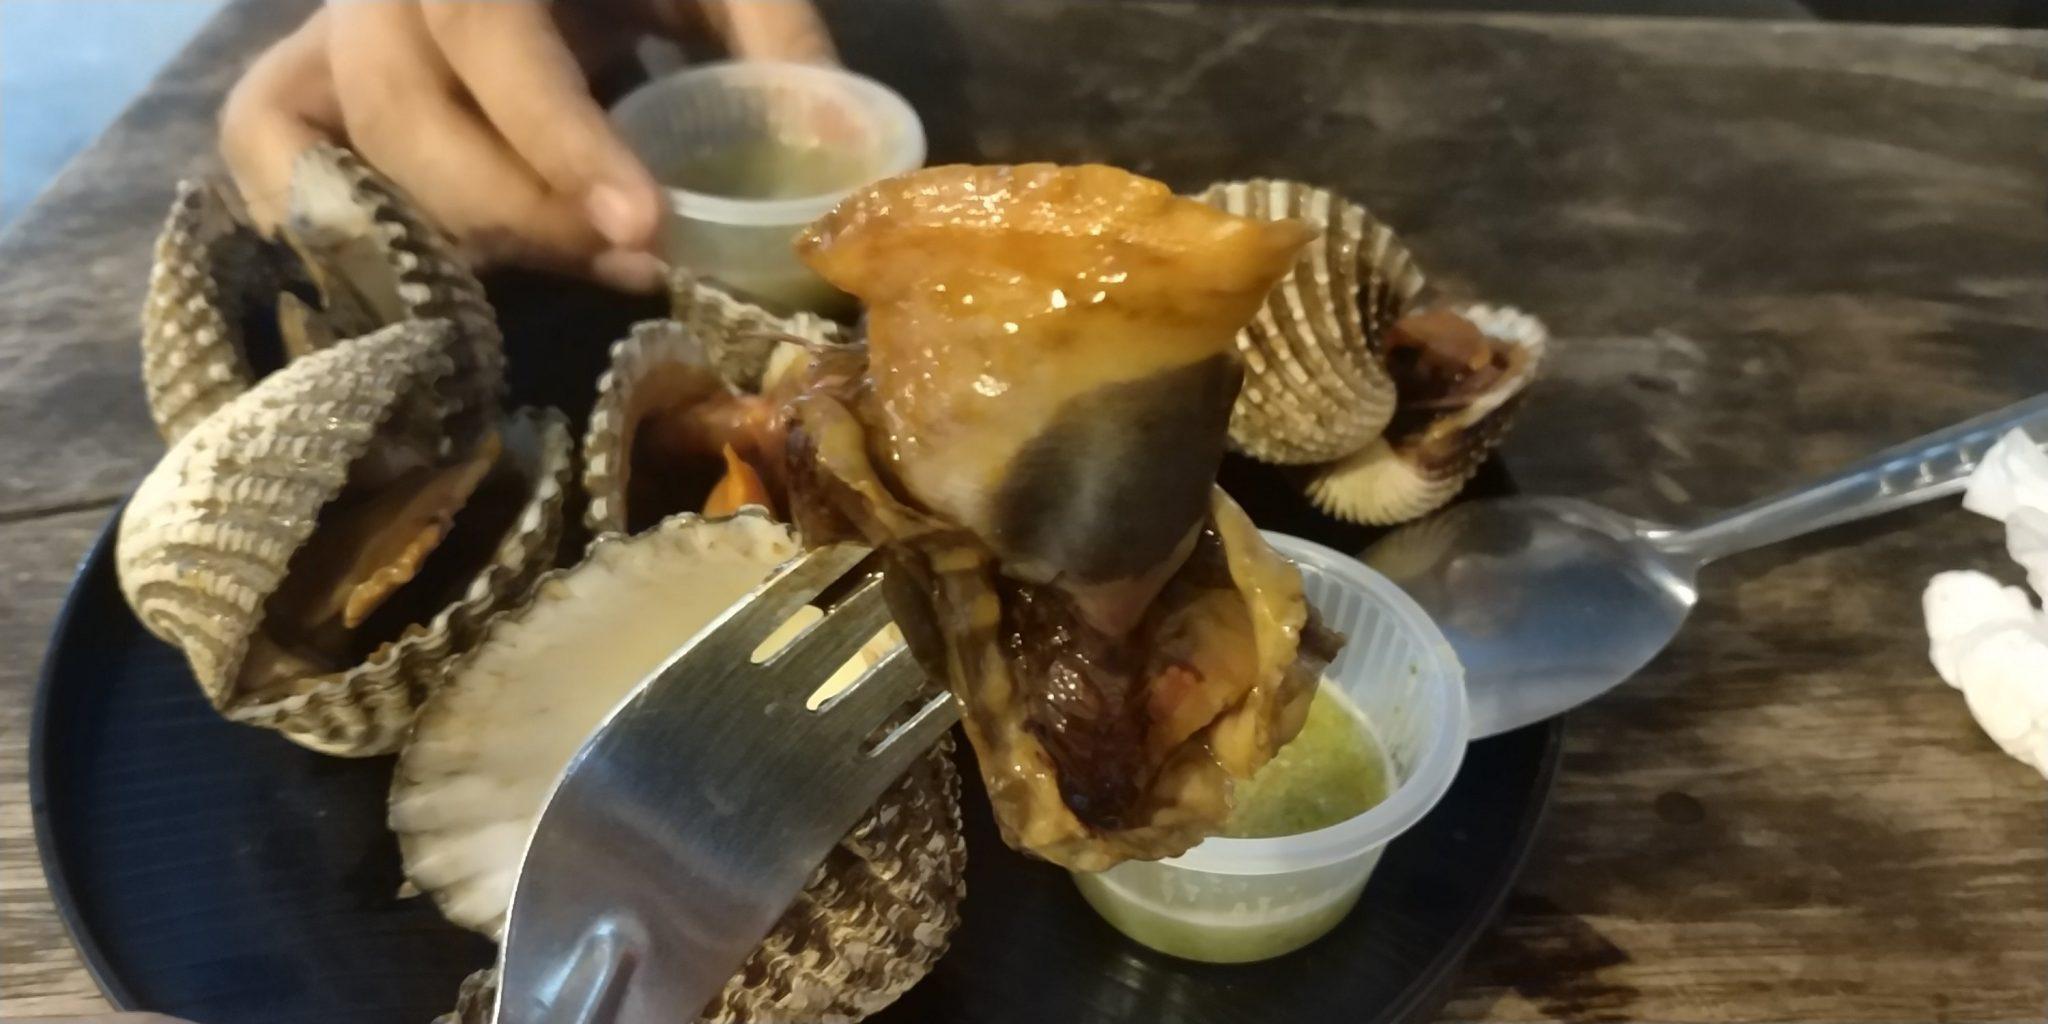 ถ่ายหอยกันให้เห็นชัดๆ หอยใหญ่มั้ย?